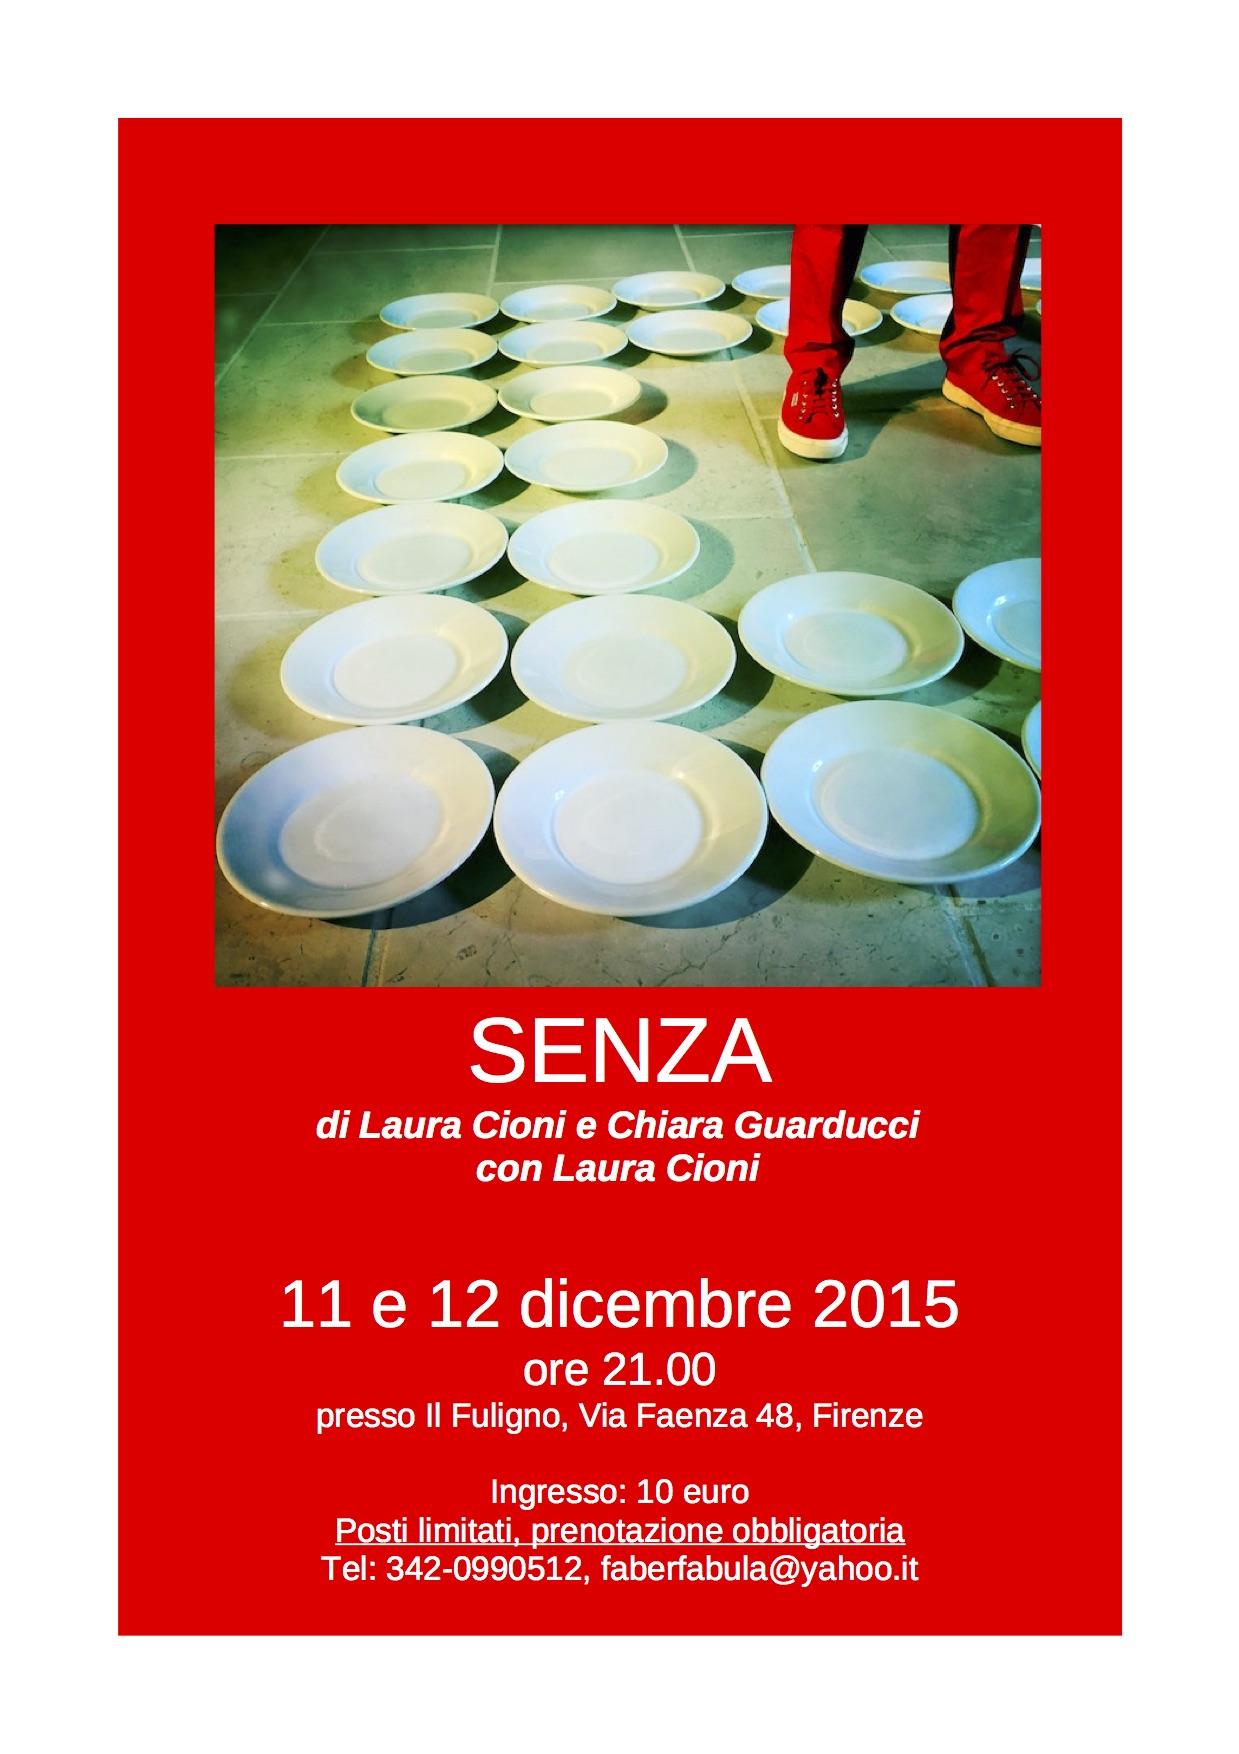 SENZA a Firenze